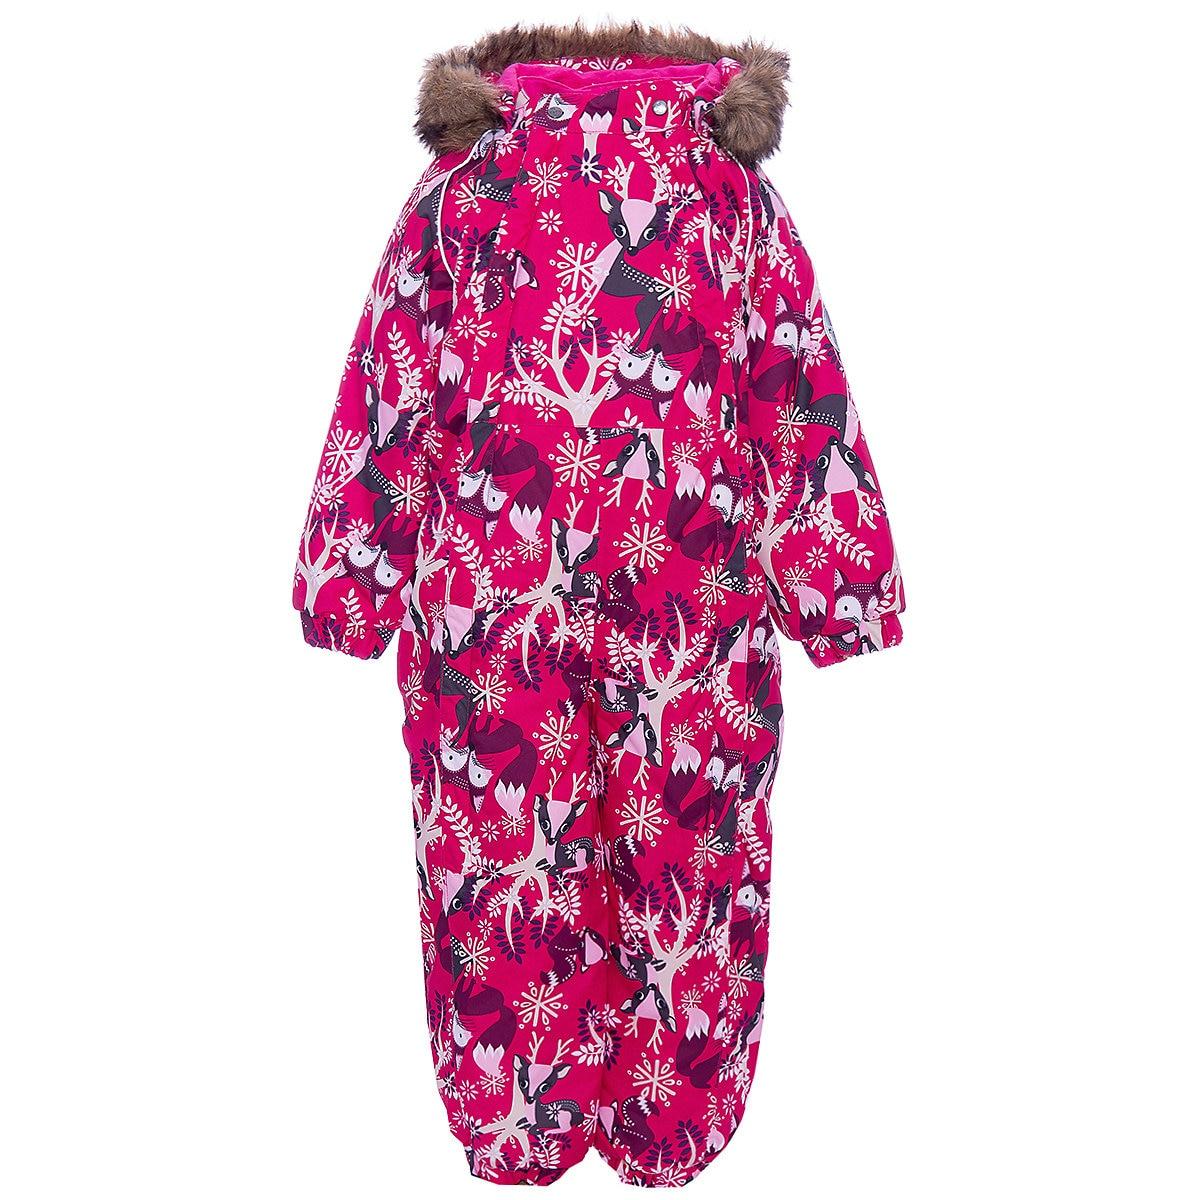 Salopette HUPPA pour filles 8959194 barboteuses bébé combinaison enfants vêtements enfants